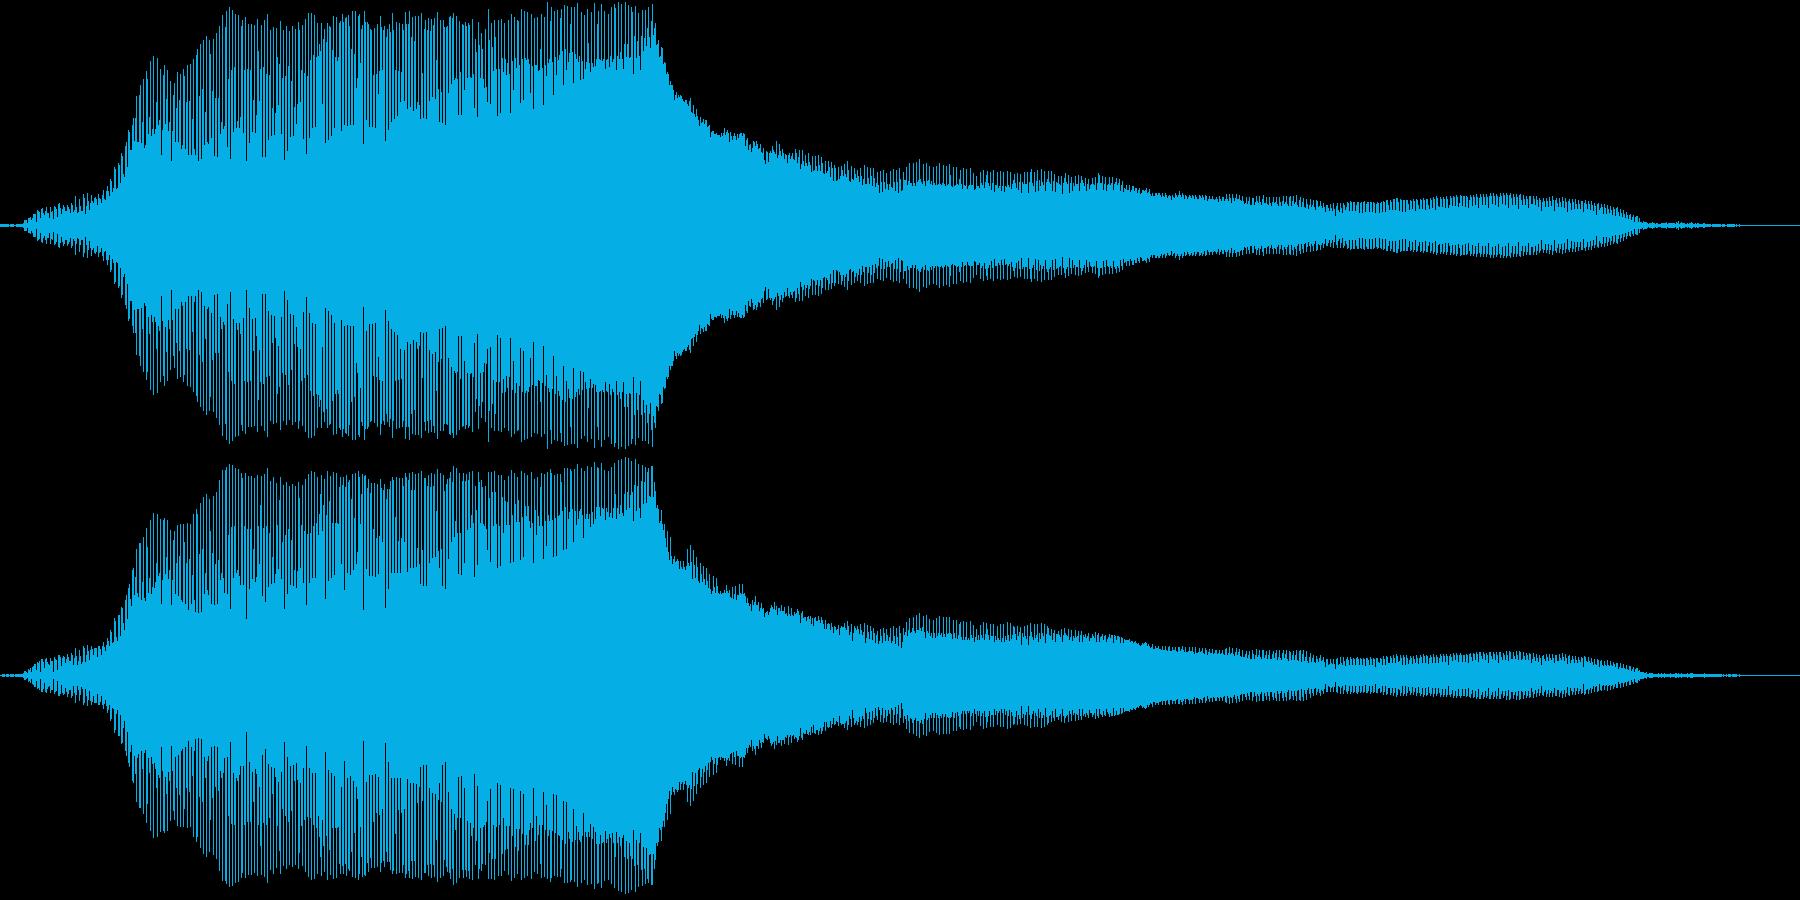 猫の鳴き声(癖のない声)の再生済みの波形